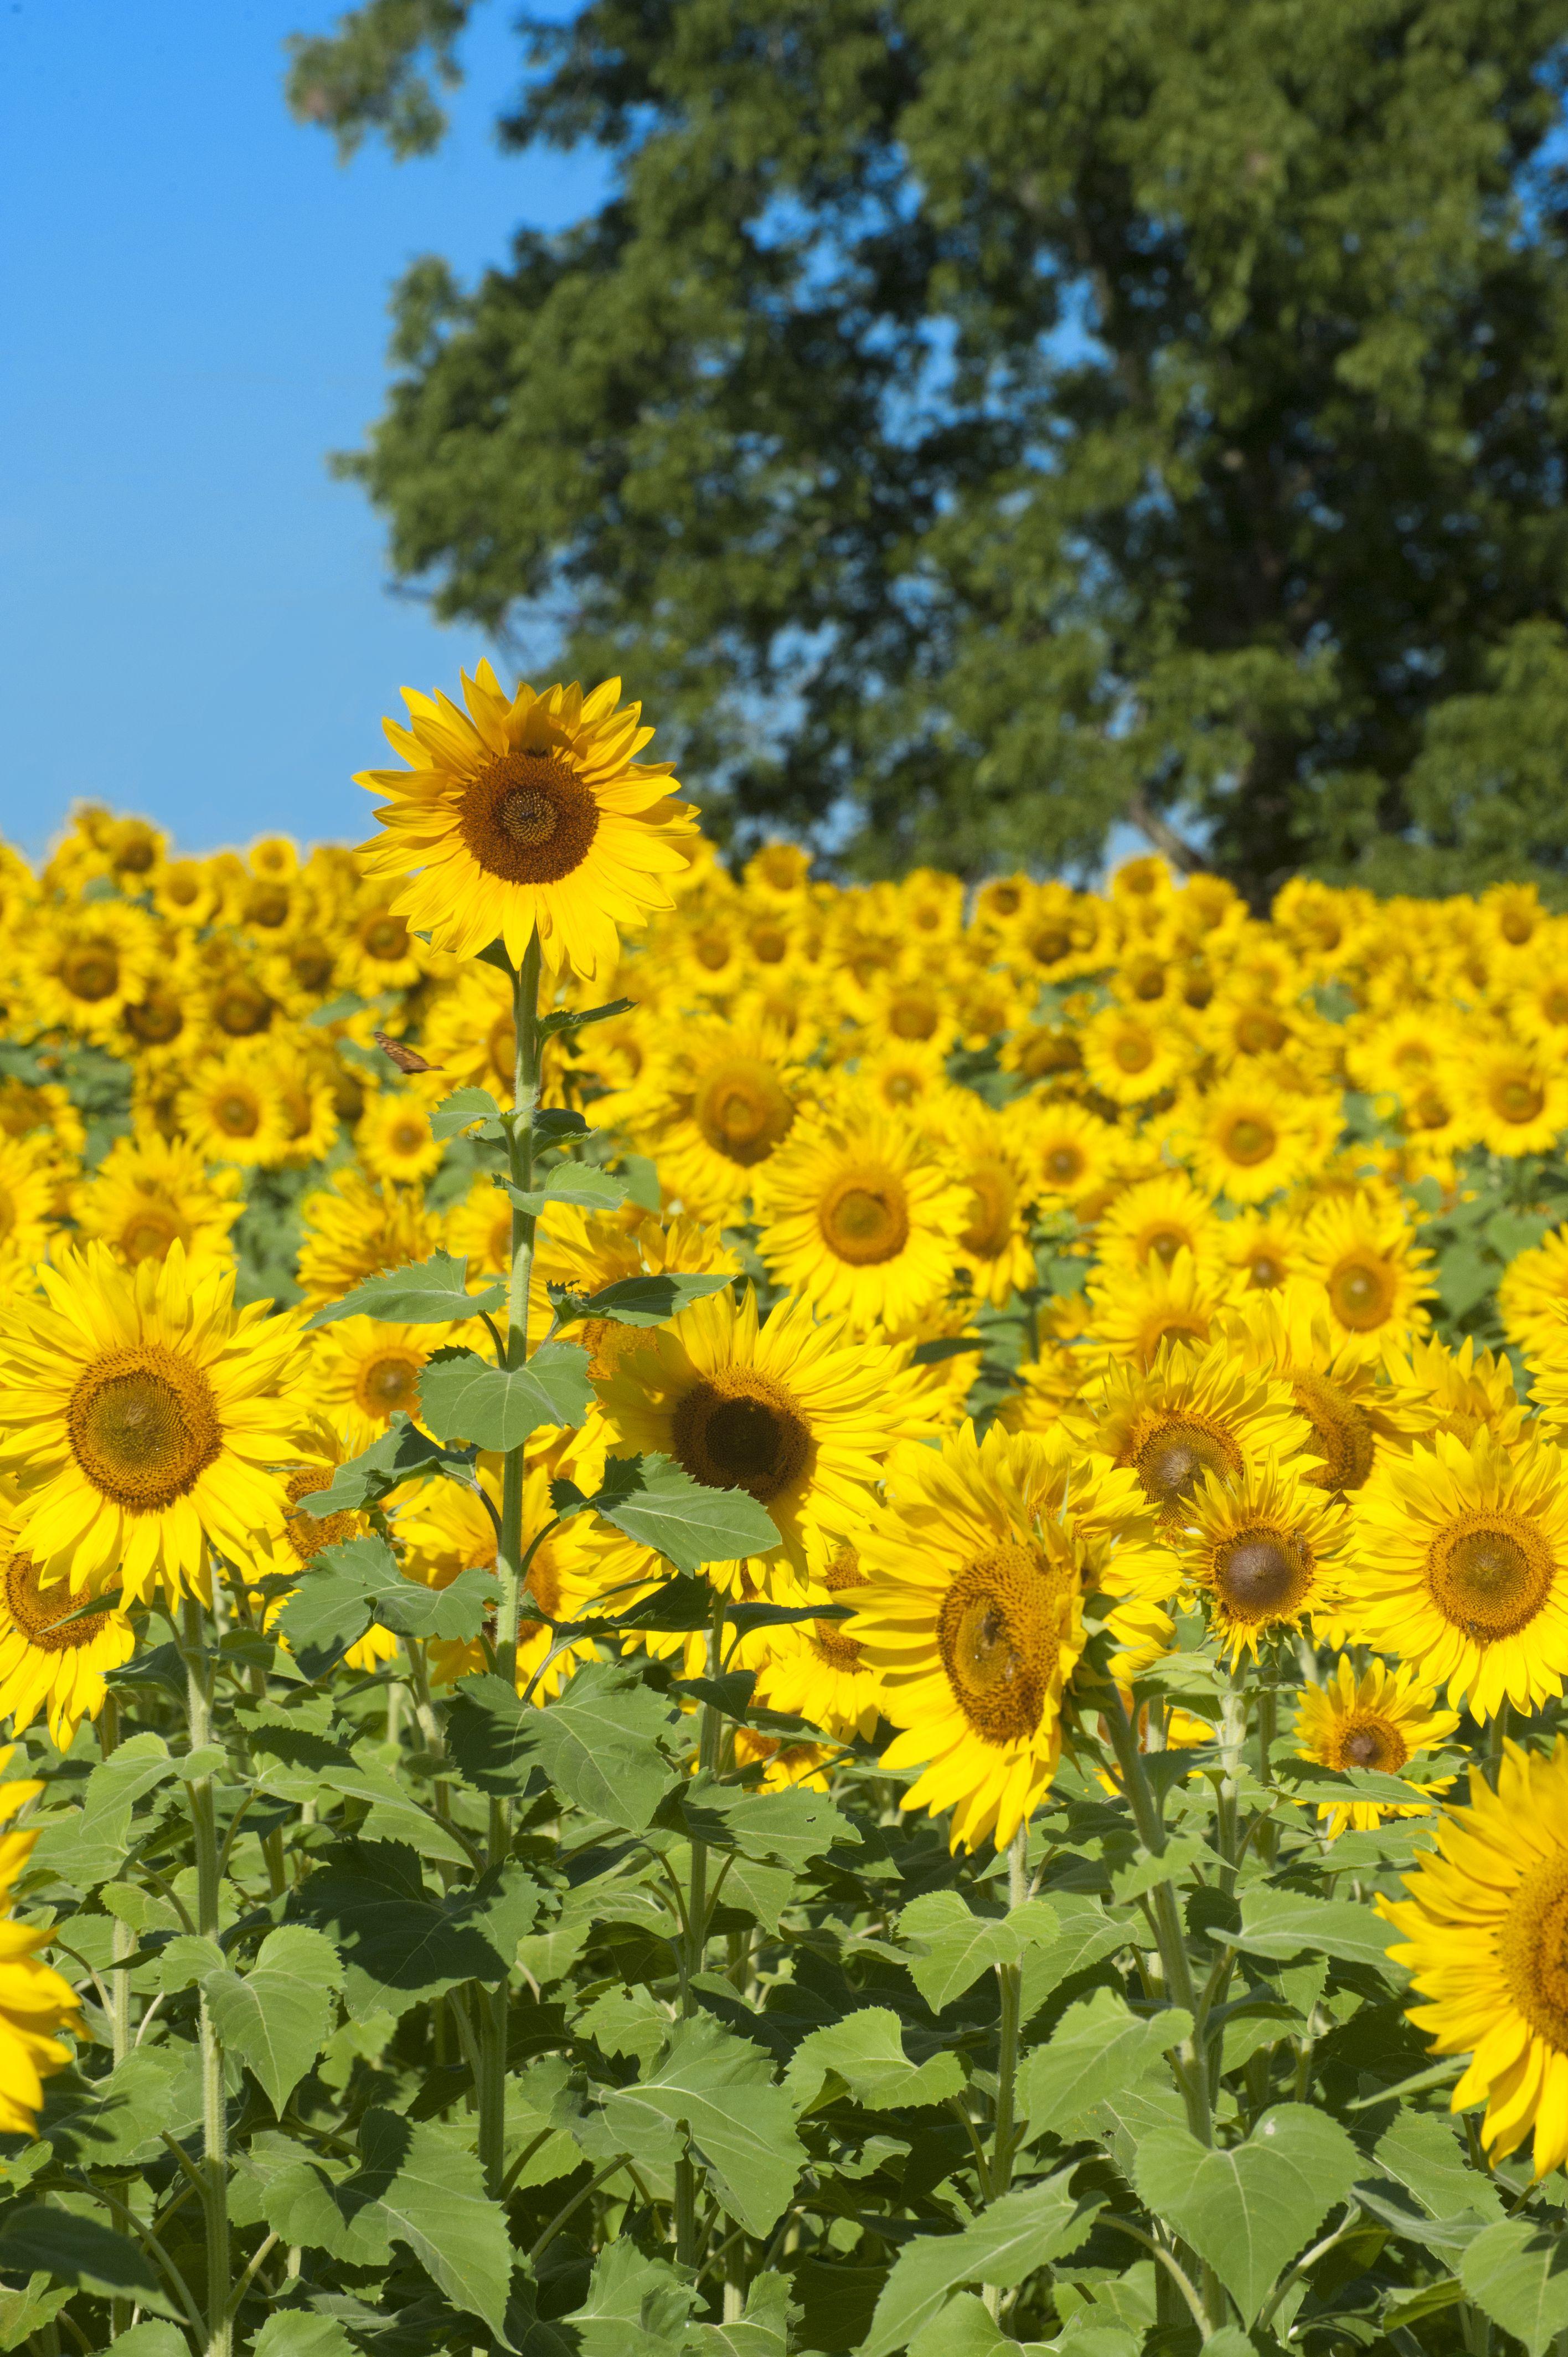 Sunflower field near Raleigh #sunflowers #flowers #nature ...